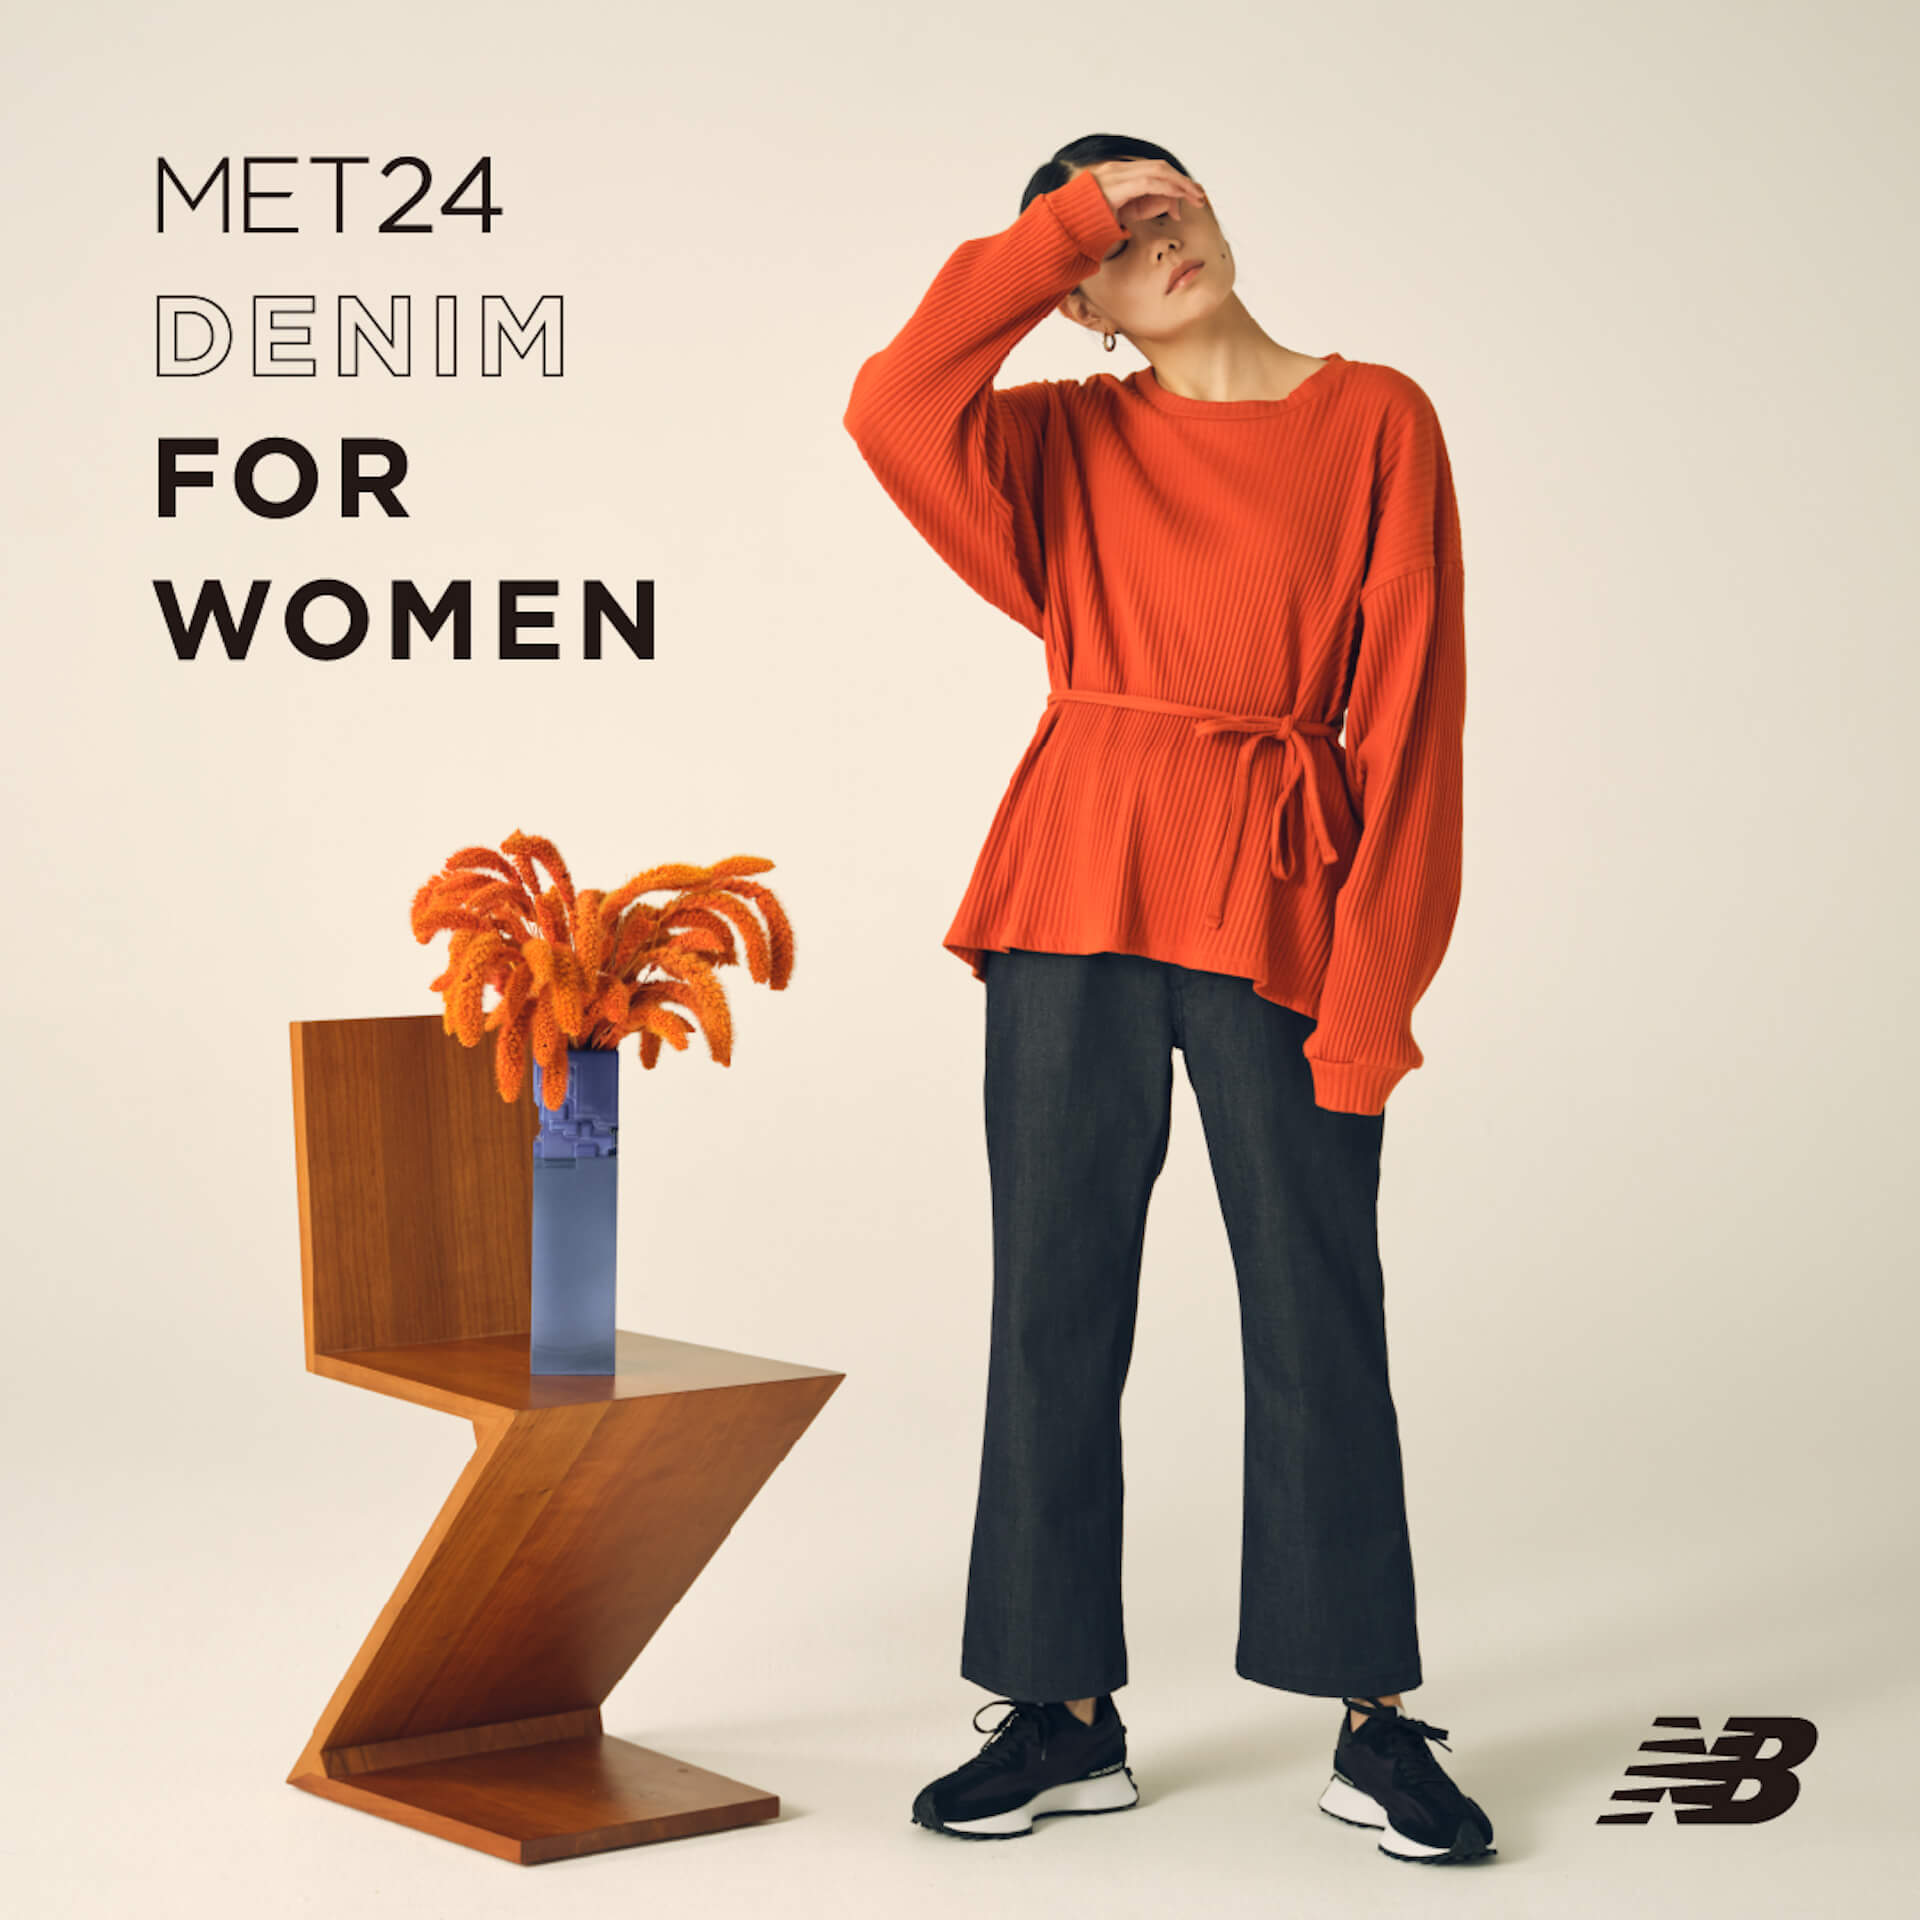 ニューバランスによるデニムパンツ「MET24 DENIM」にウィメンズ3シルエットが登場! life210909_newbalance_denim_4